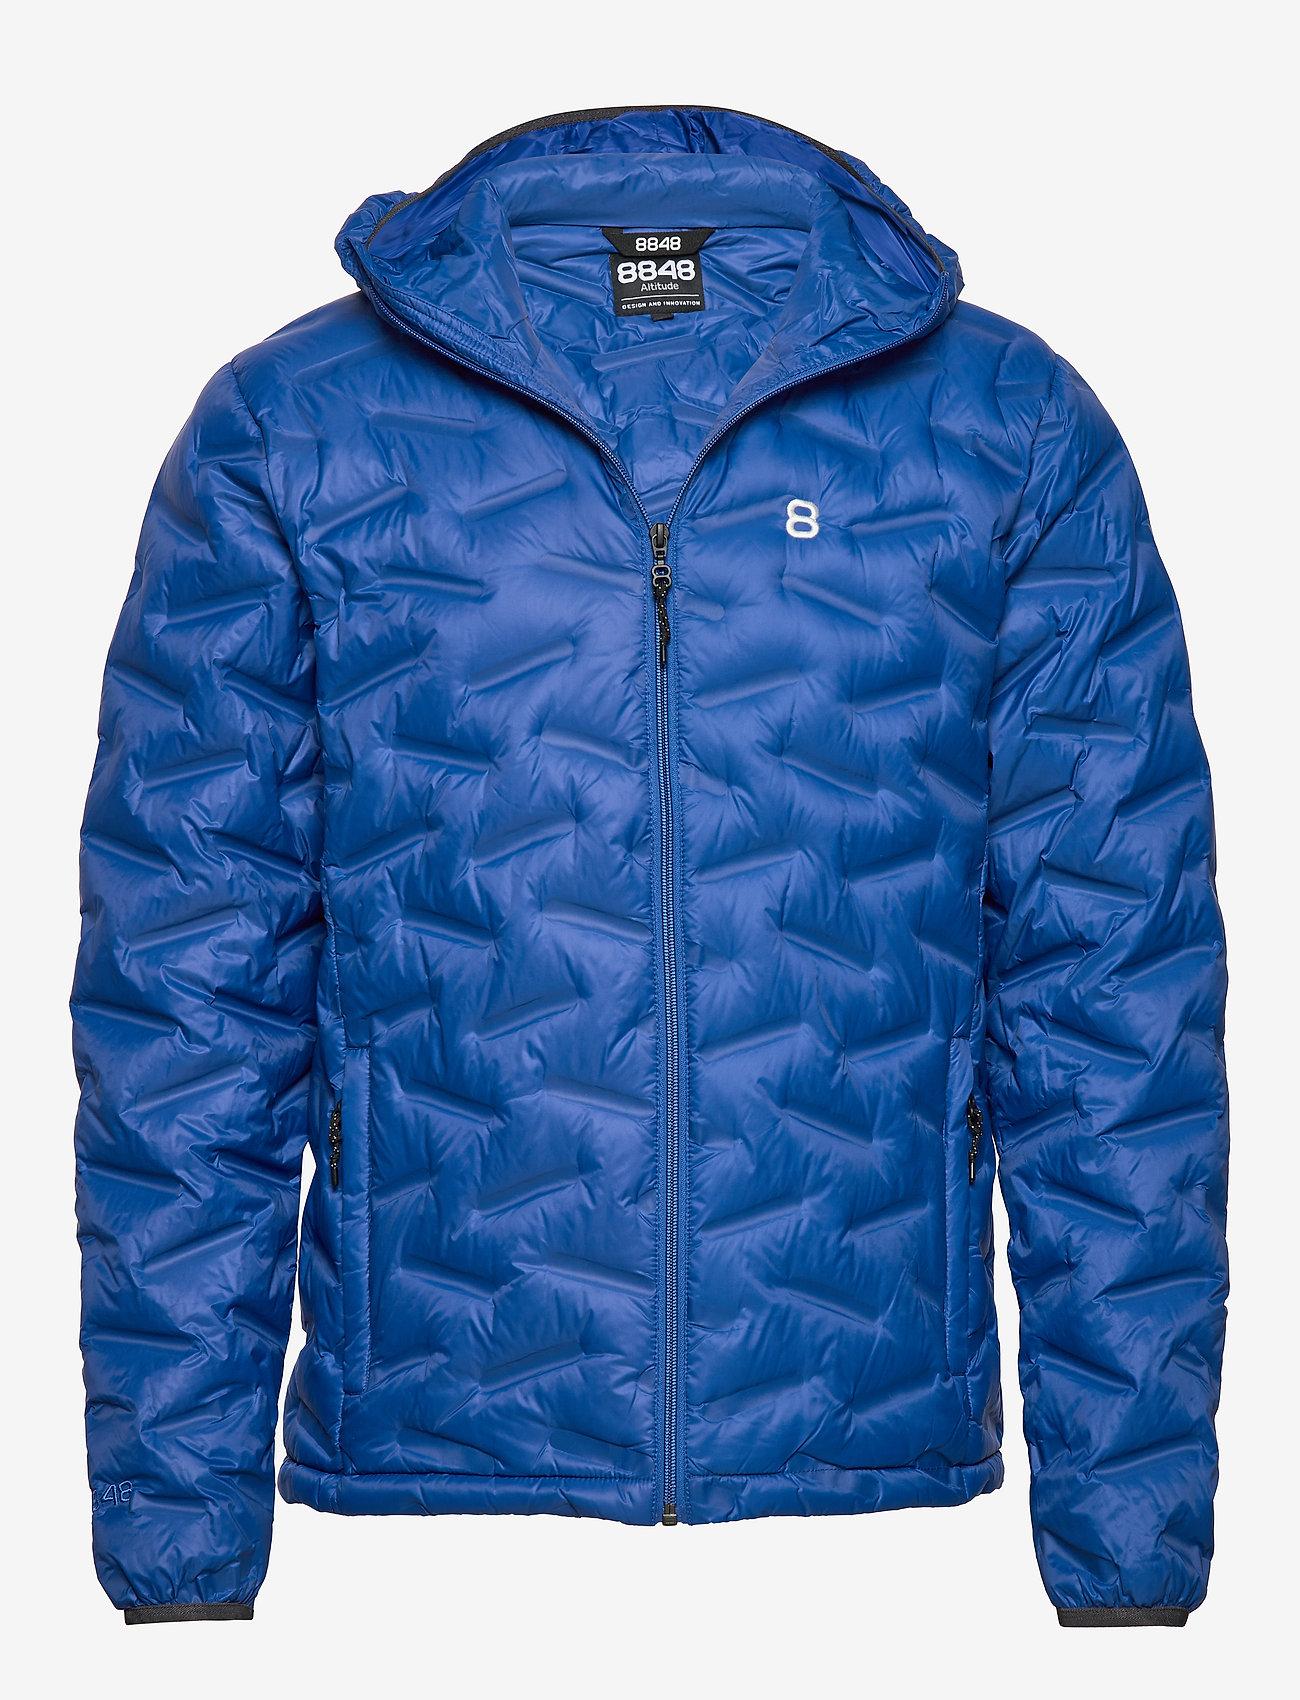 8848 maximilia jacke blau